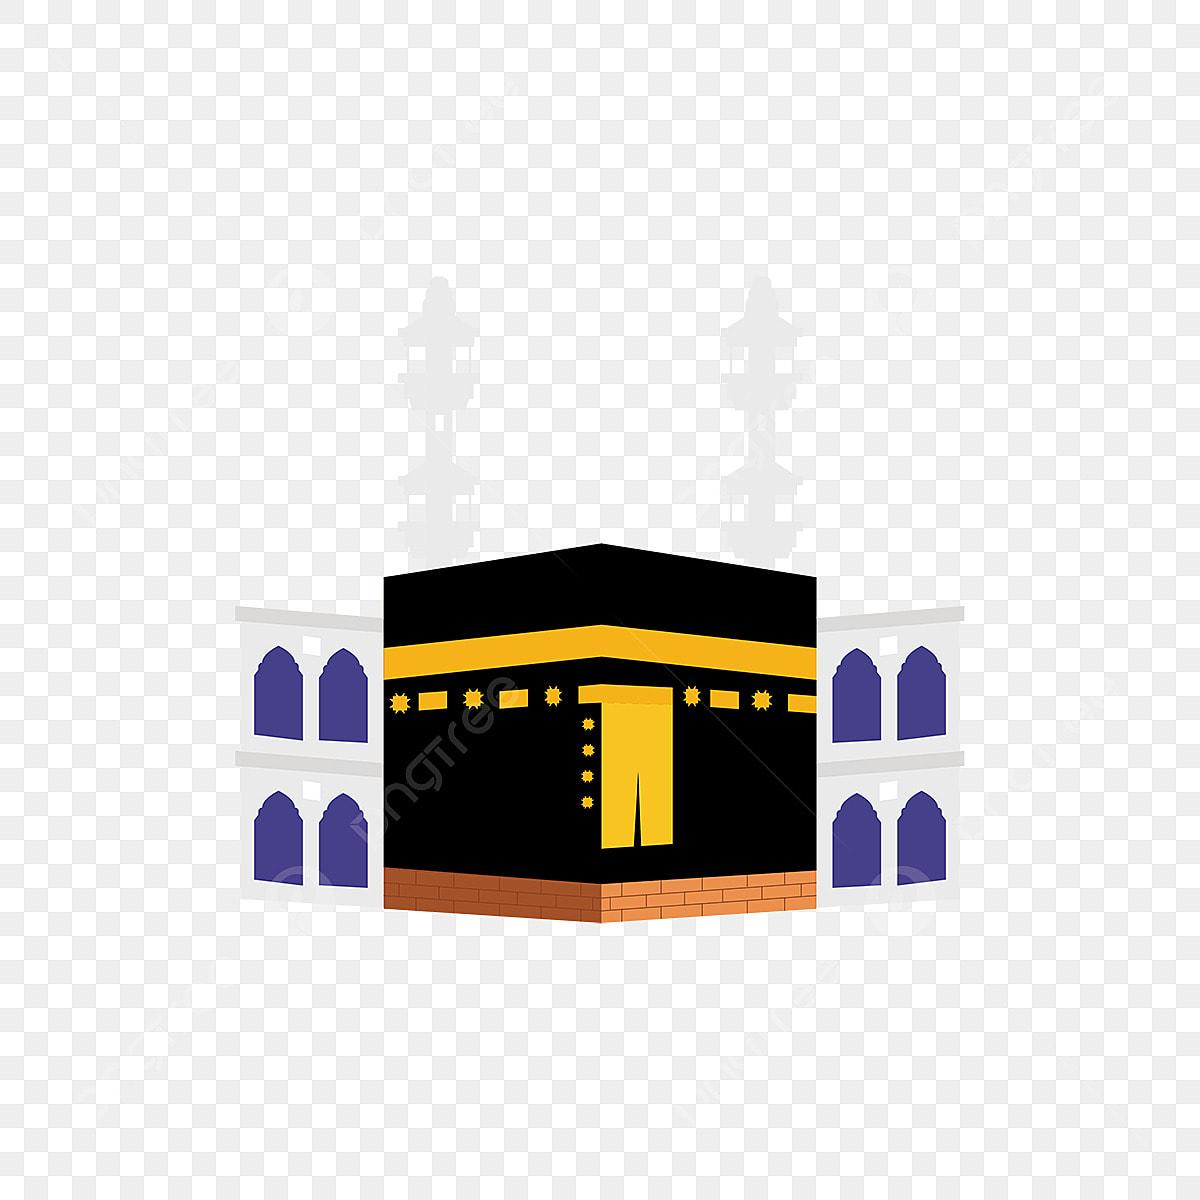 kabah png images vector and psd files free download on pngtree https pngtree com freepng kabah illustration landscape 4246321 html